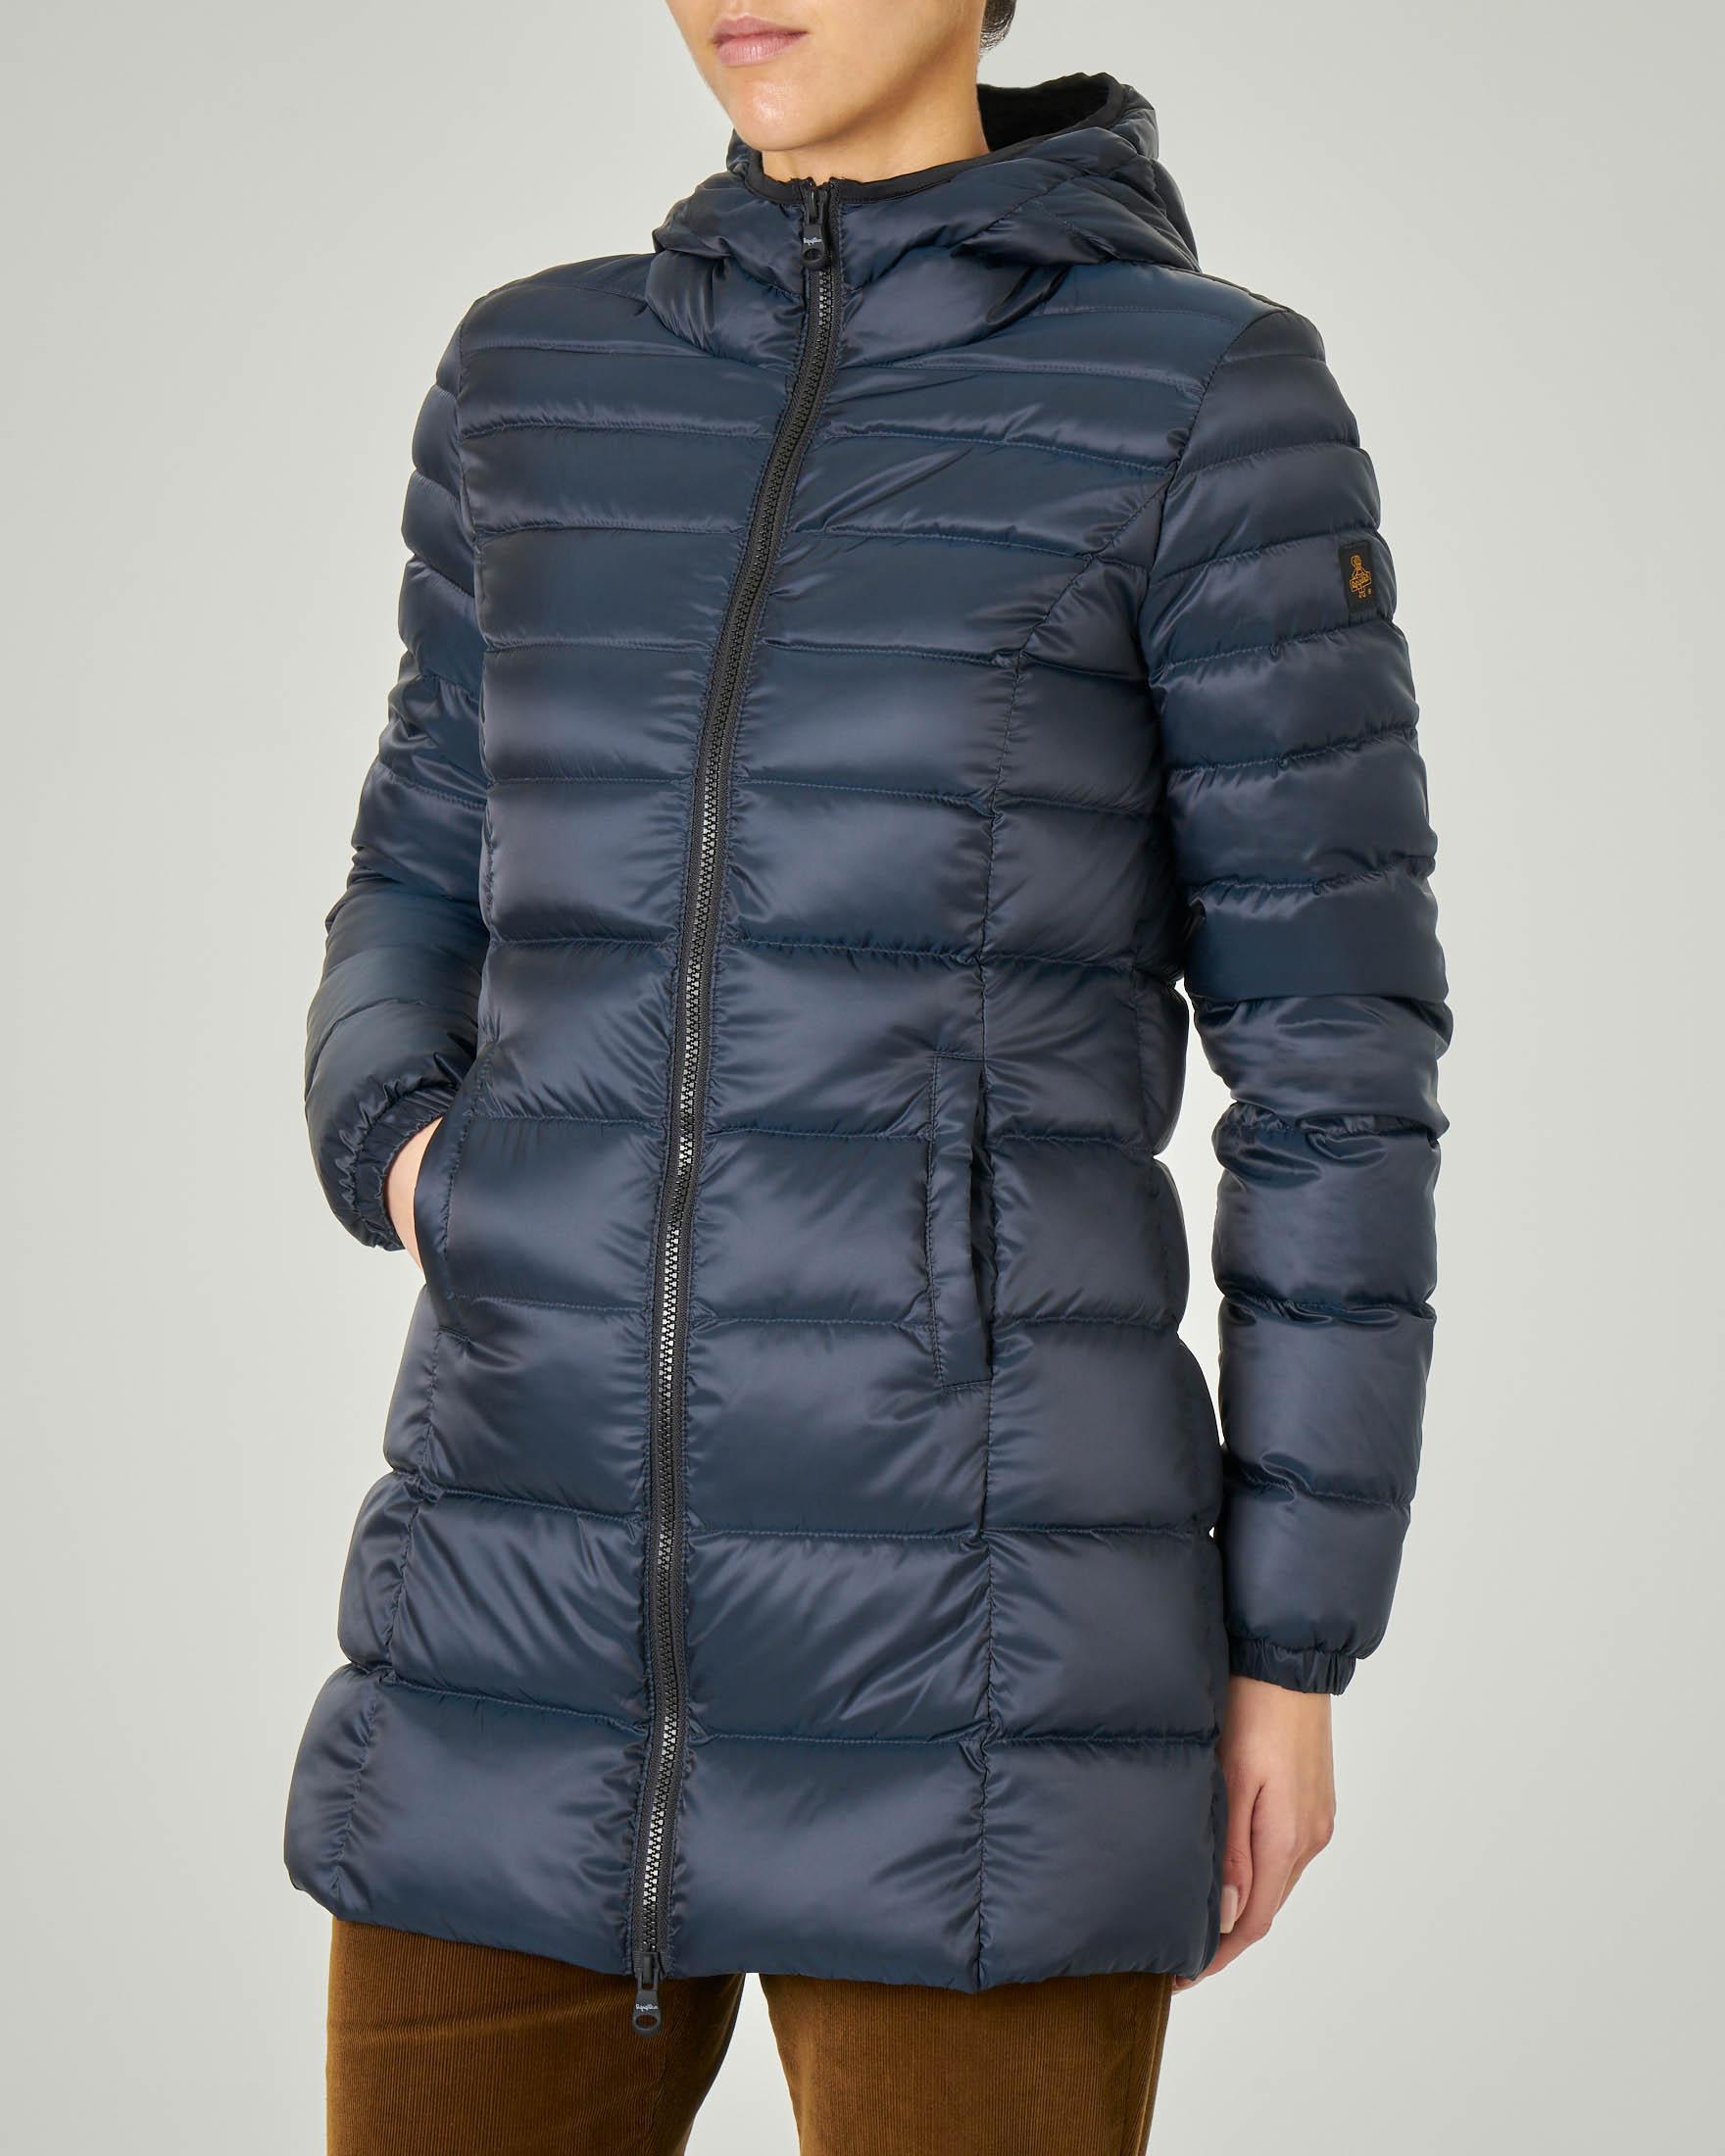 Piumino lunghezza media blu modello Long Mead Jacket con cappuccio fisso e linea sfiancata